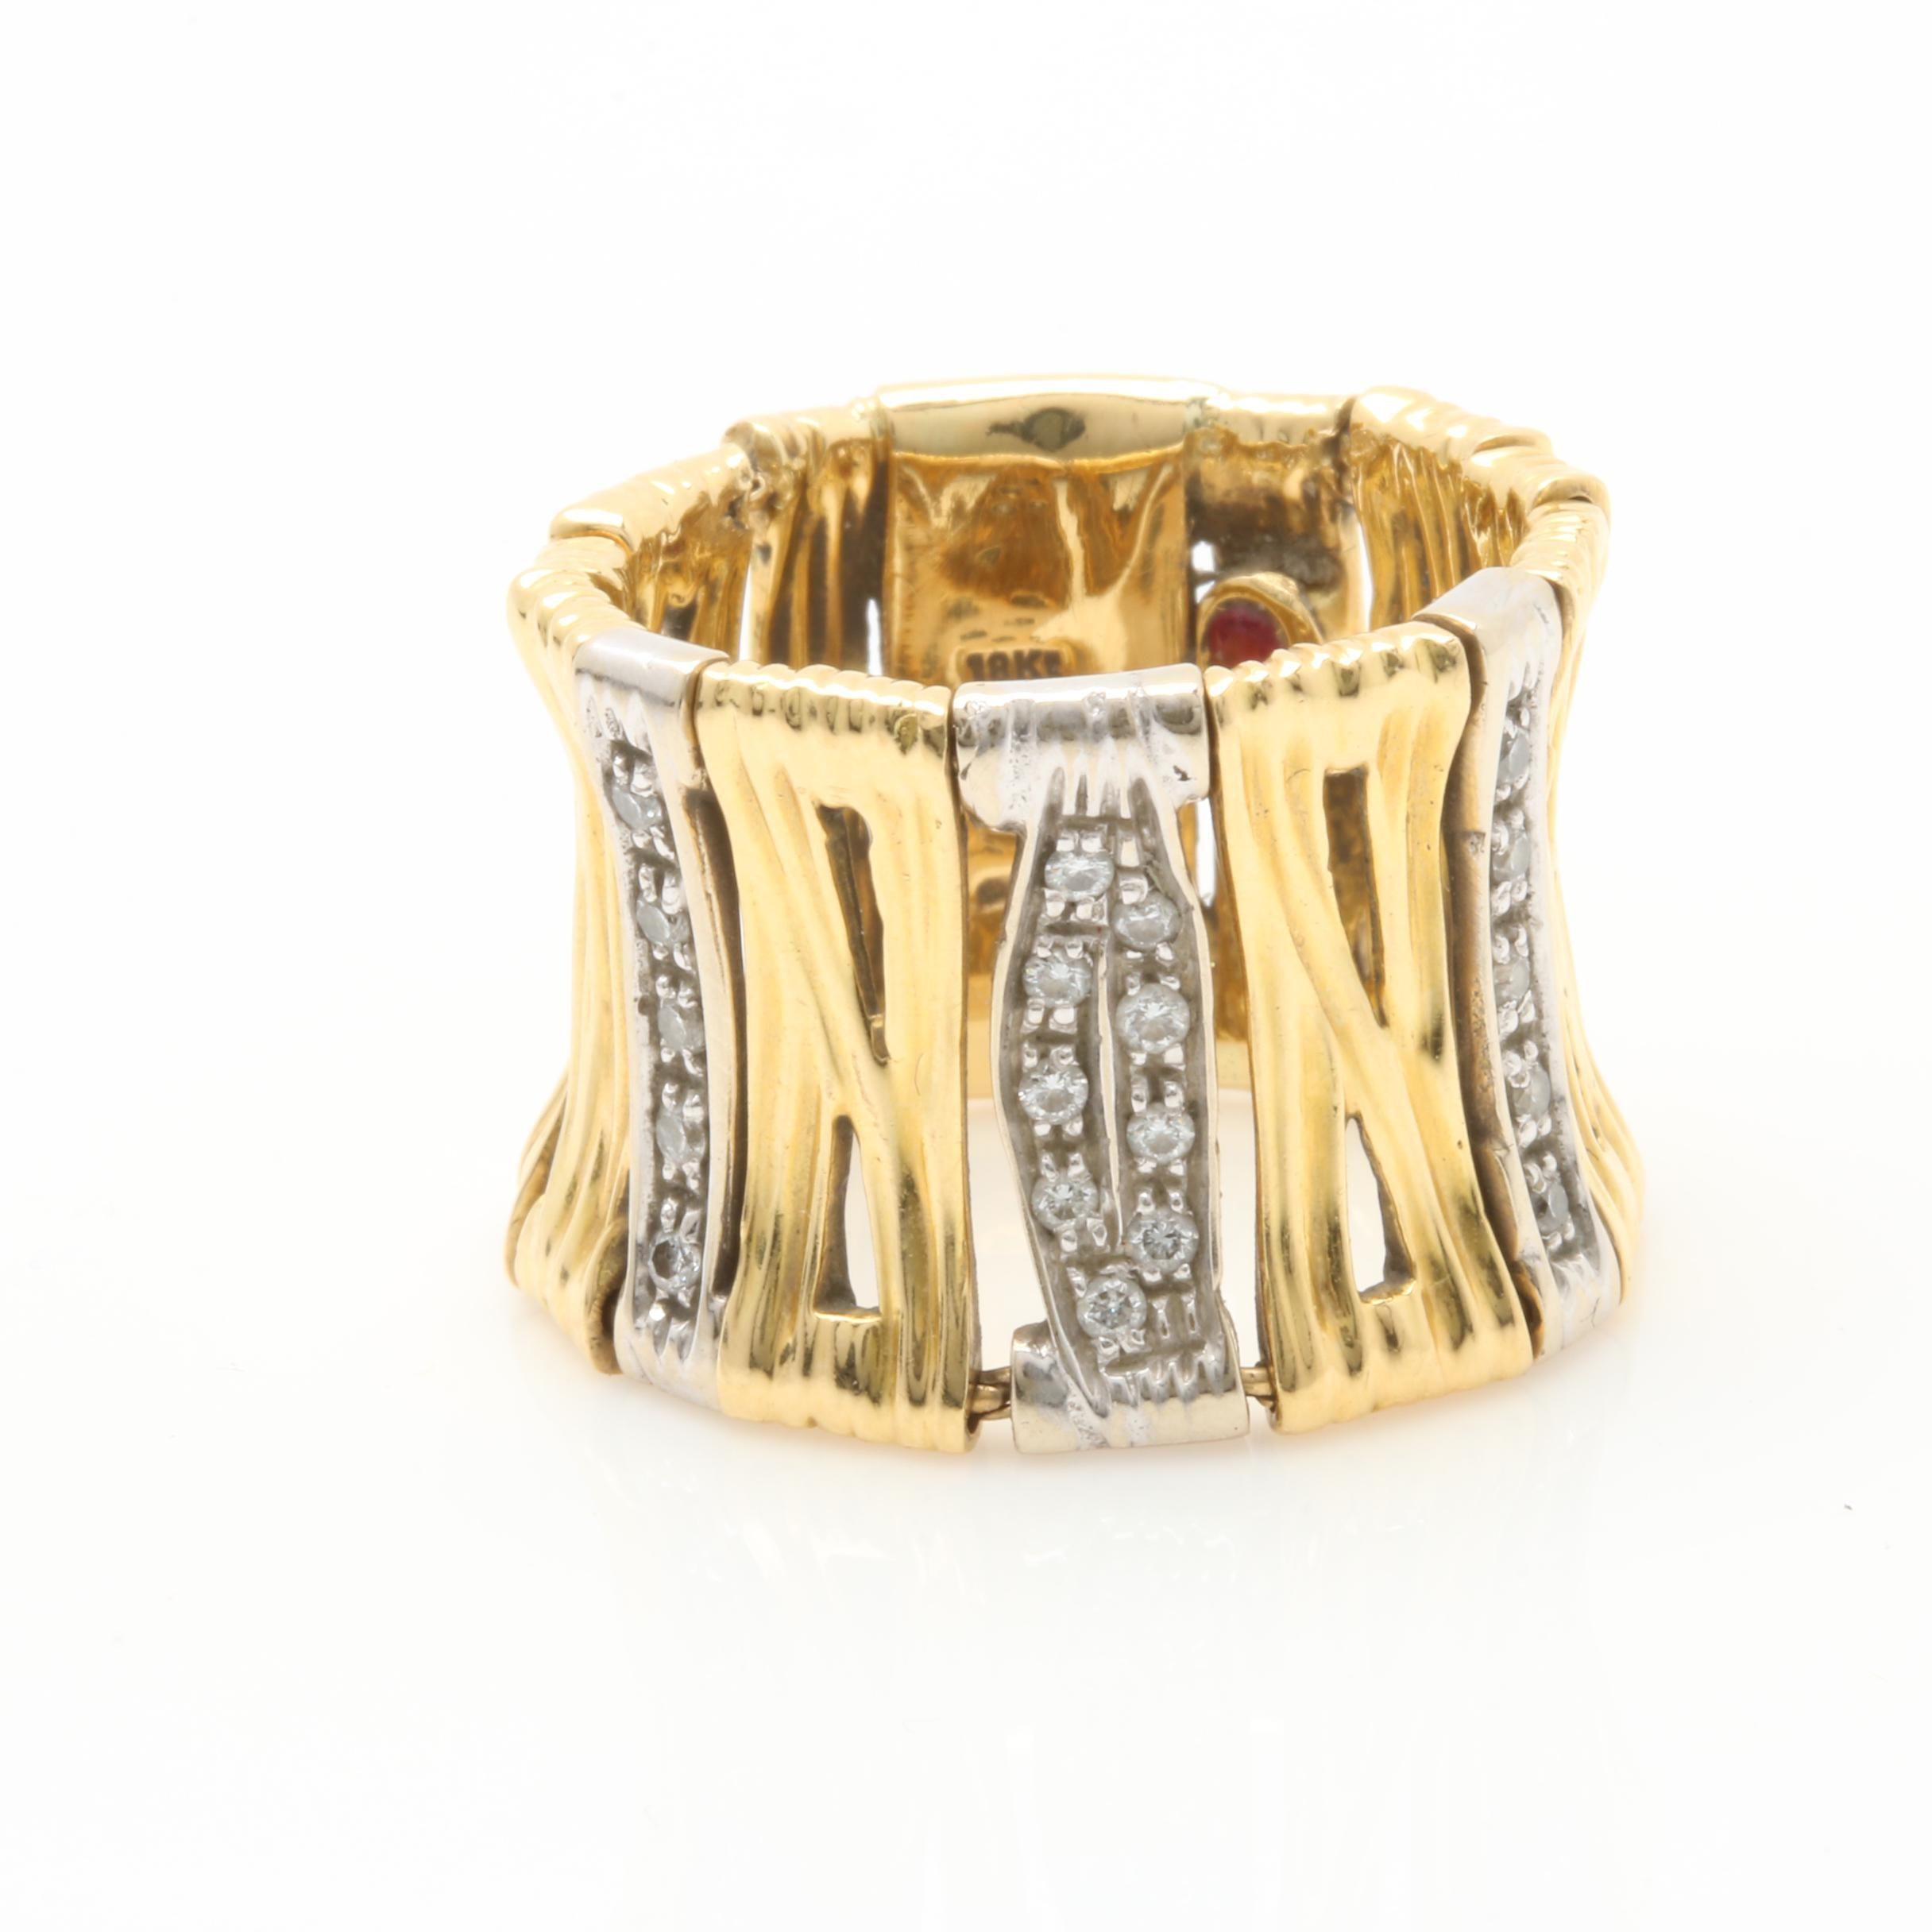 Roberto Coin 18K Yellow Gold Diamond Flexible Ring